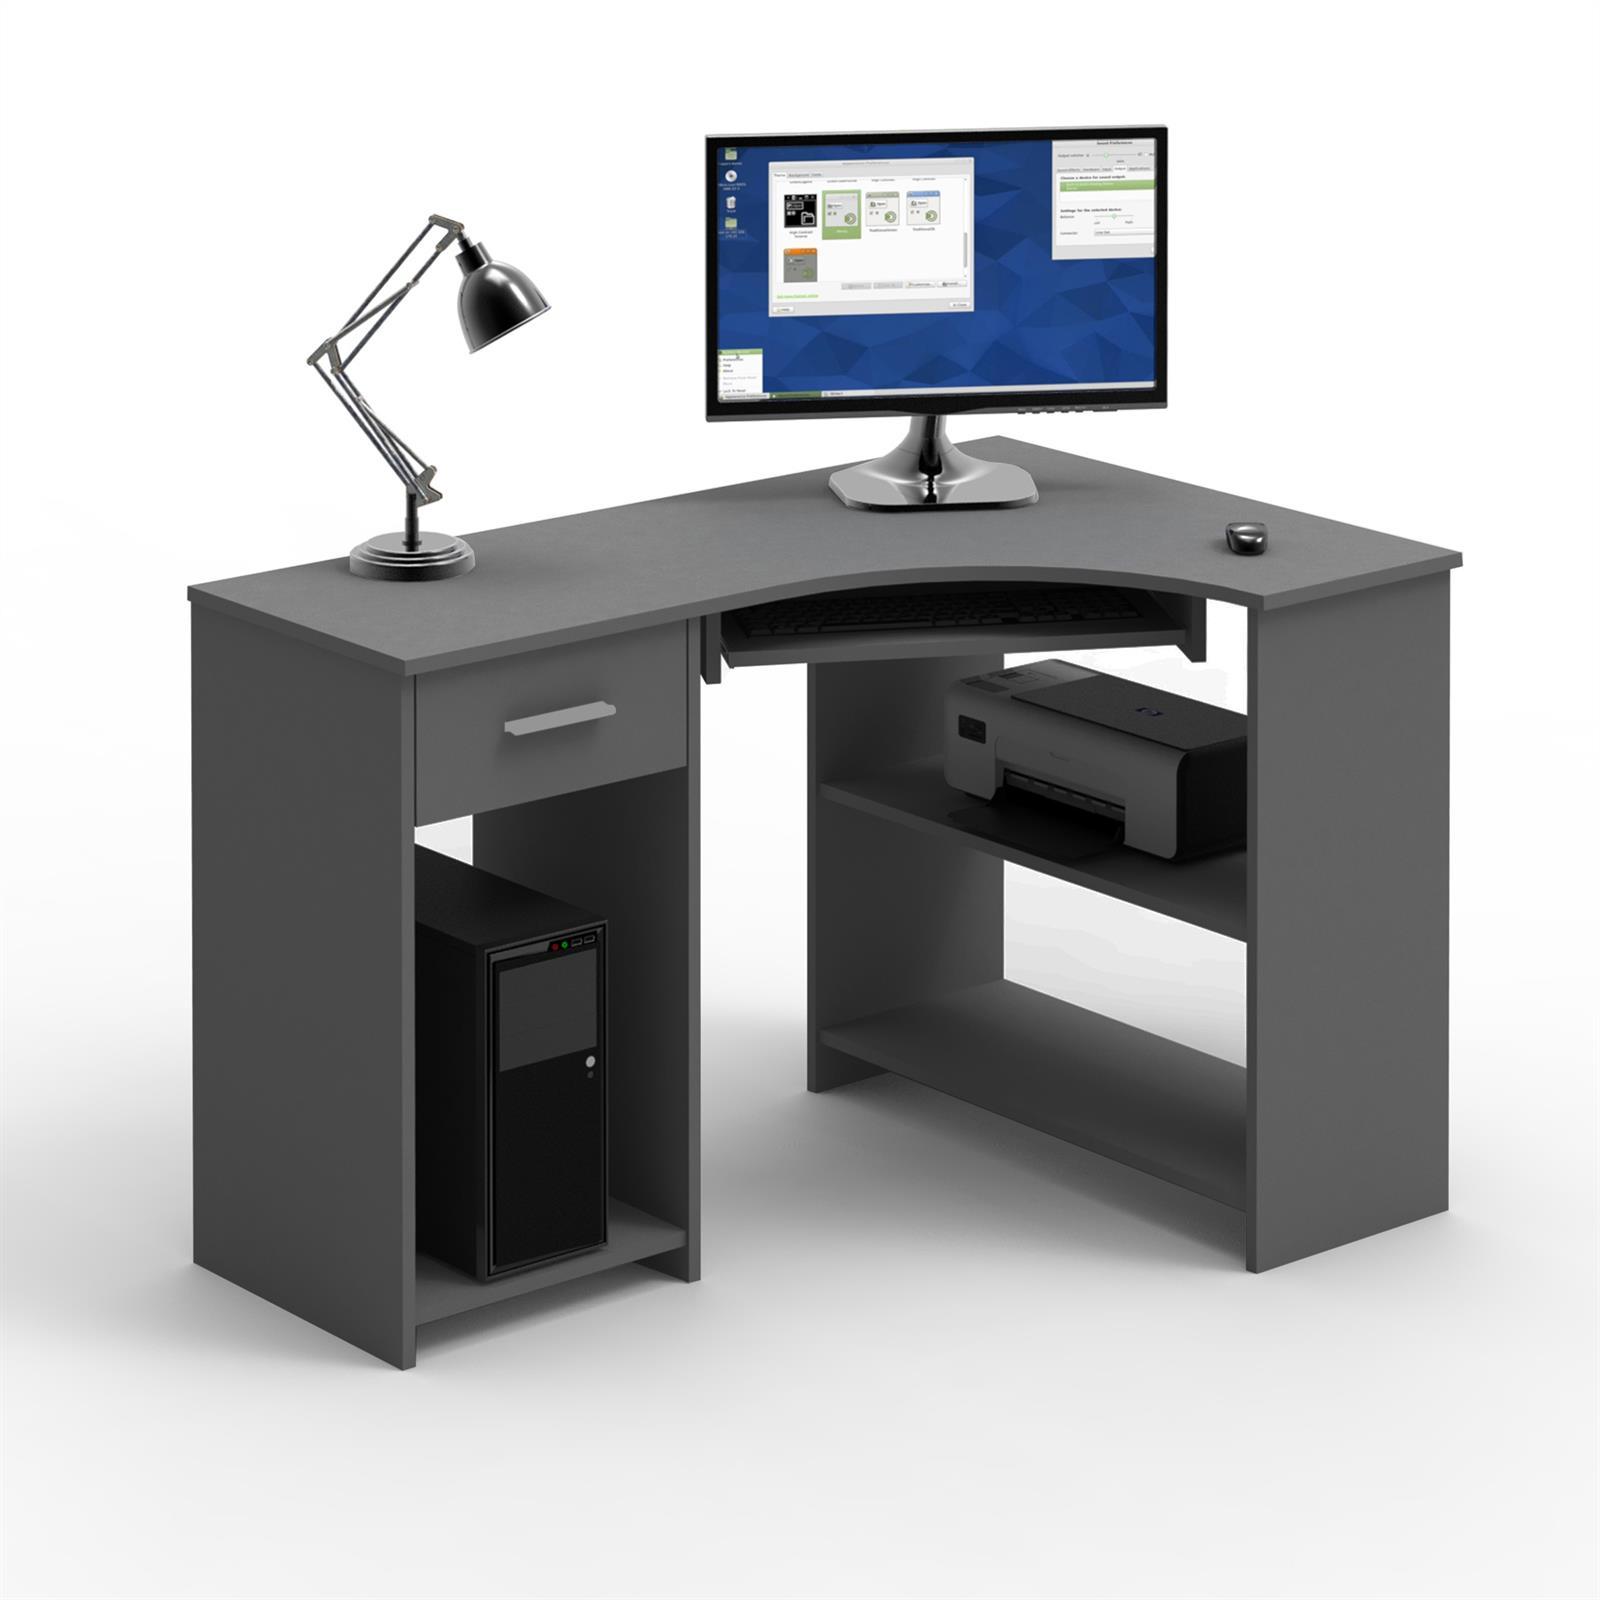 eckschreibtisch silvia in grau mit tastaturauszug caro m bel. Black Bedroom Furniture Sets. Home Design Ideas